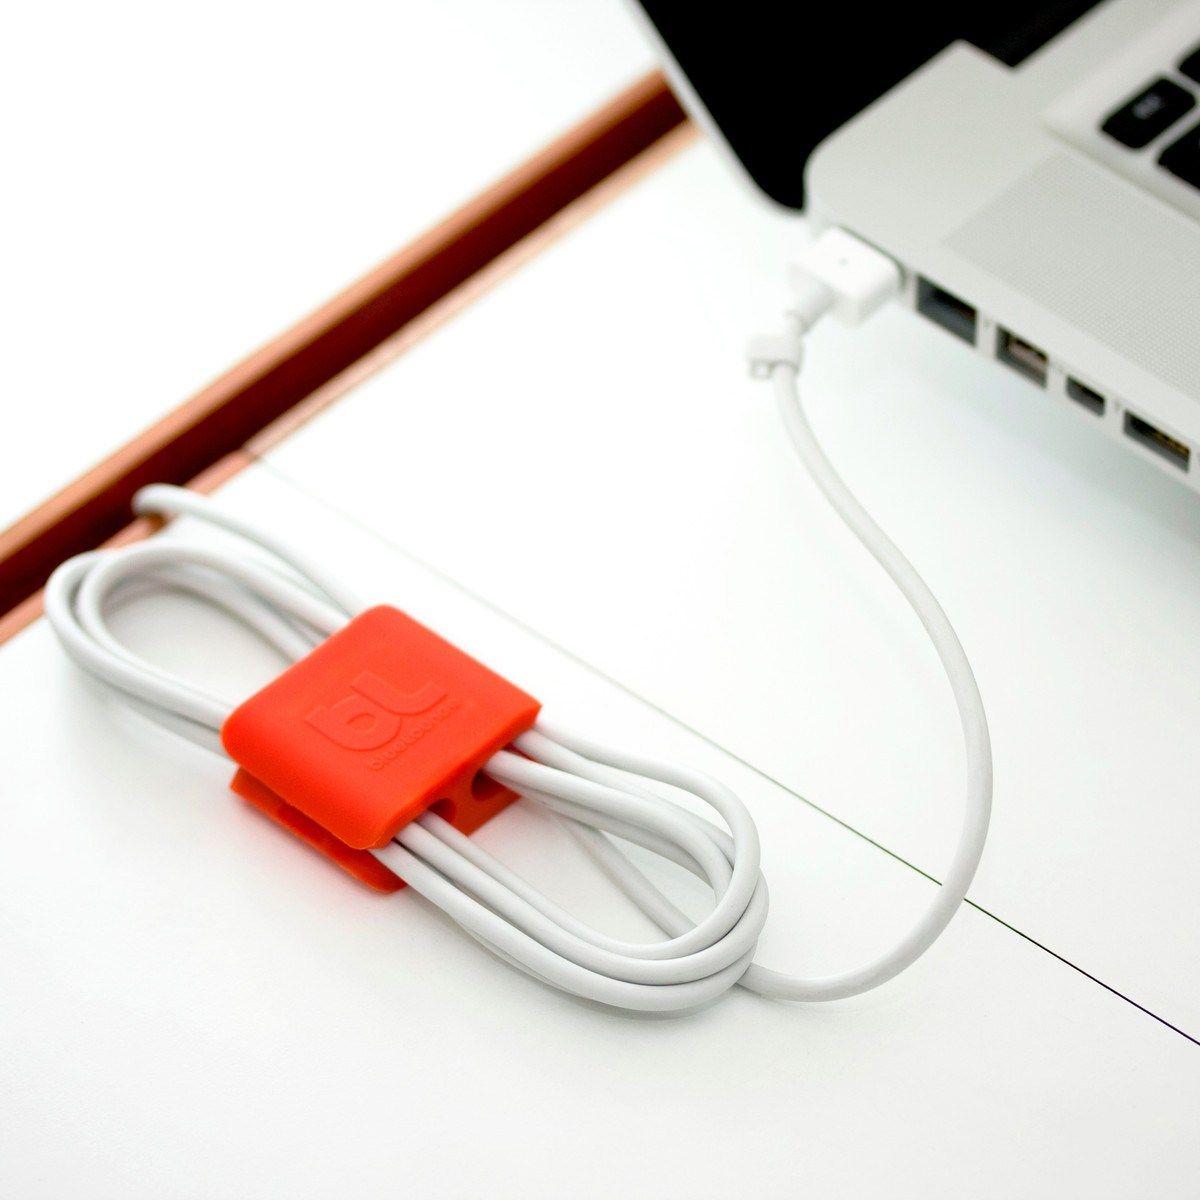 نگهدارنده کابل بلولانژ مدل Cableclip Medium بسته 4 عددی main 1 4